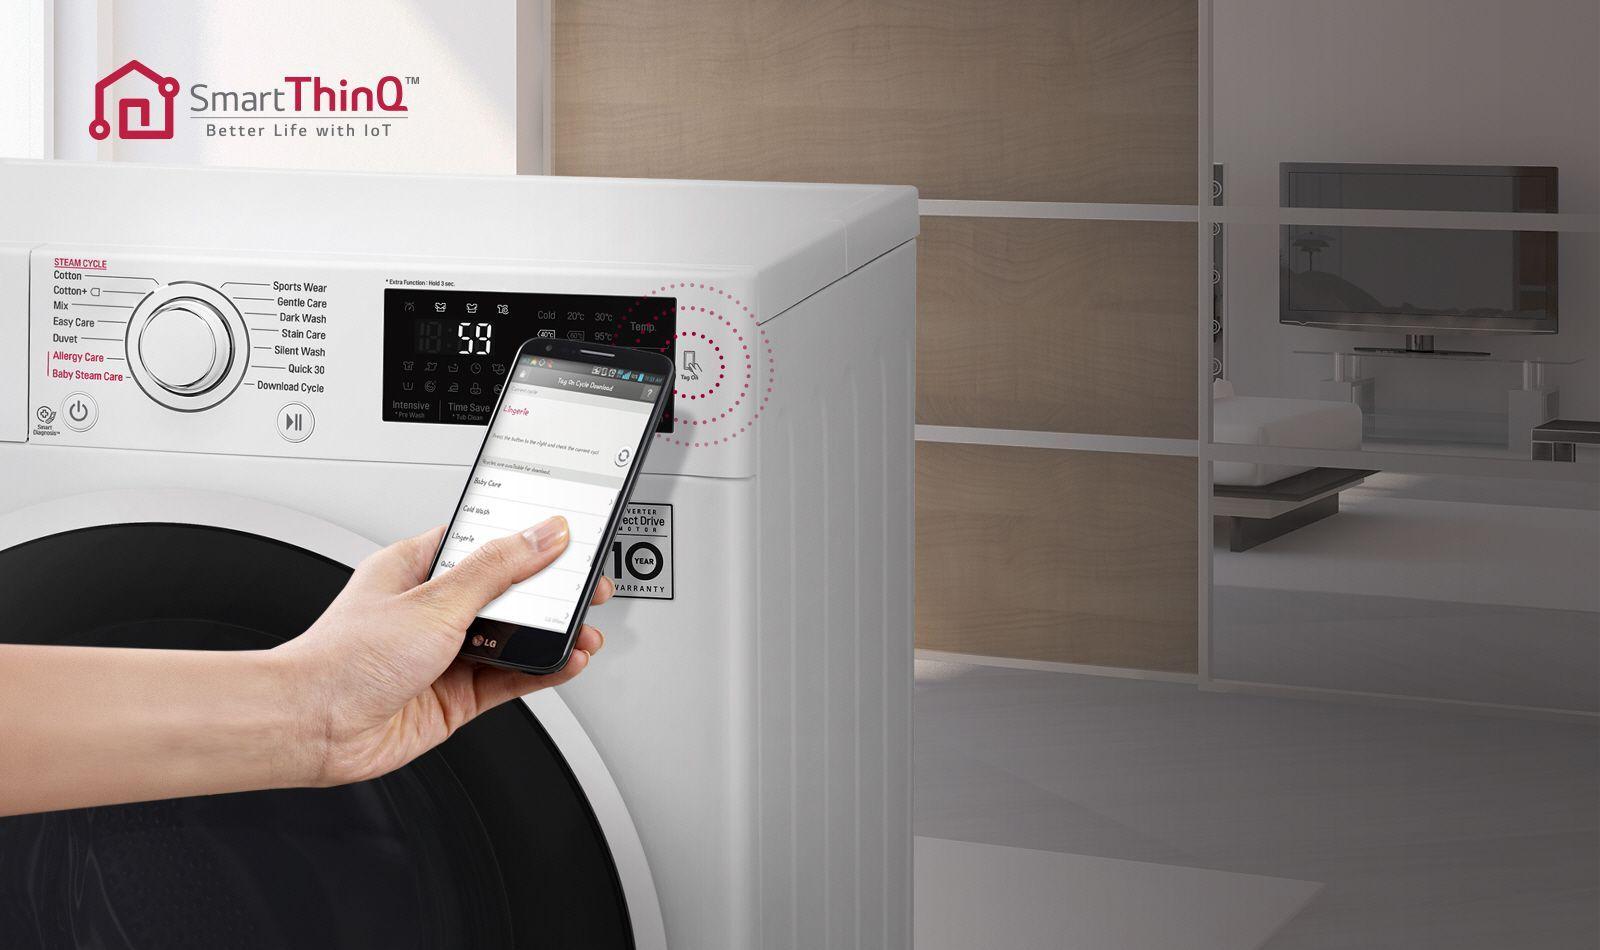 تکنولوژی SmartThinQ در ماشین لباسشویی ال جی F4J6VYP2W